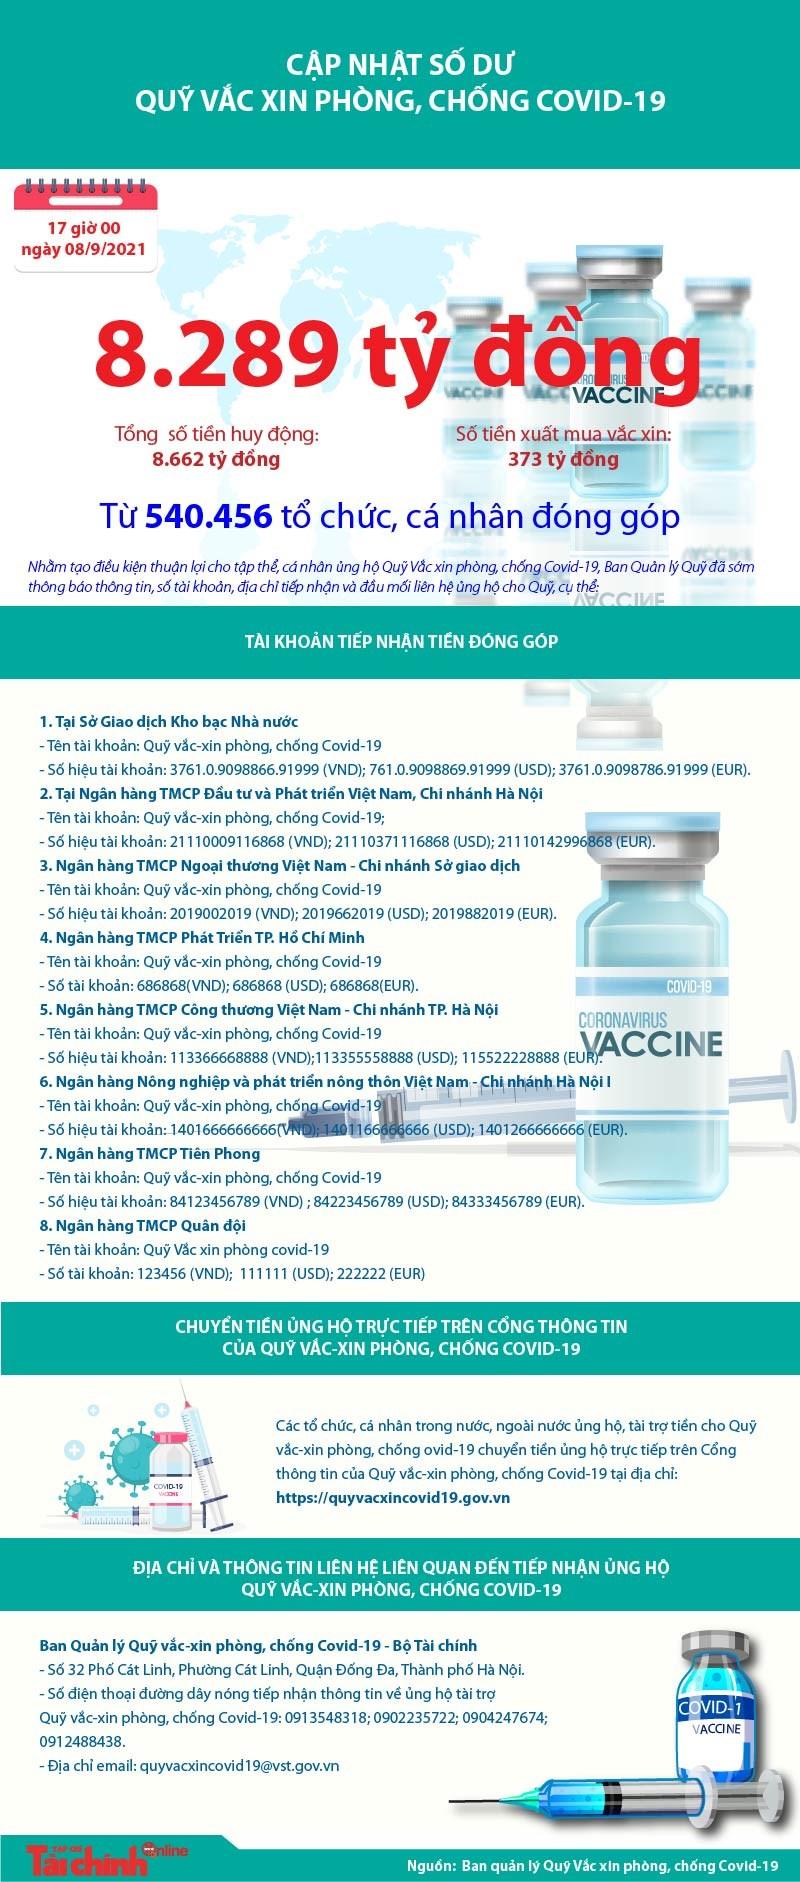 [Infographics] Quỹ Vắc xin phòng, chống COVID-19 còn dư 8.289 tỷ đồng - Ảnh 1